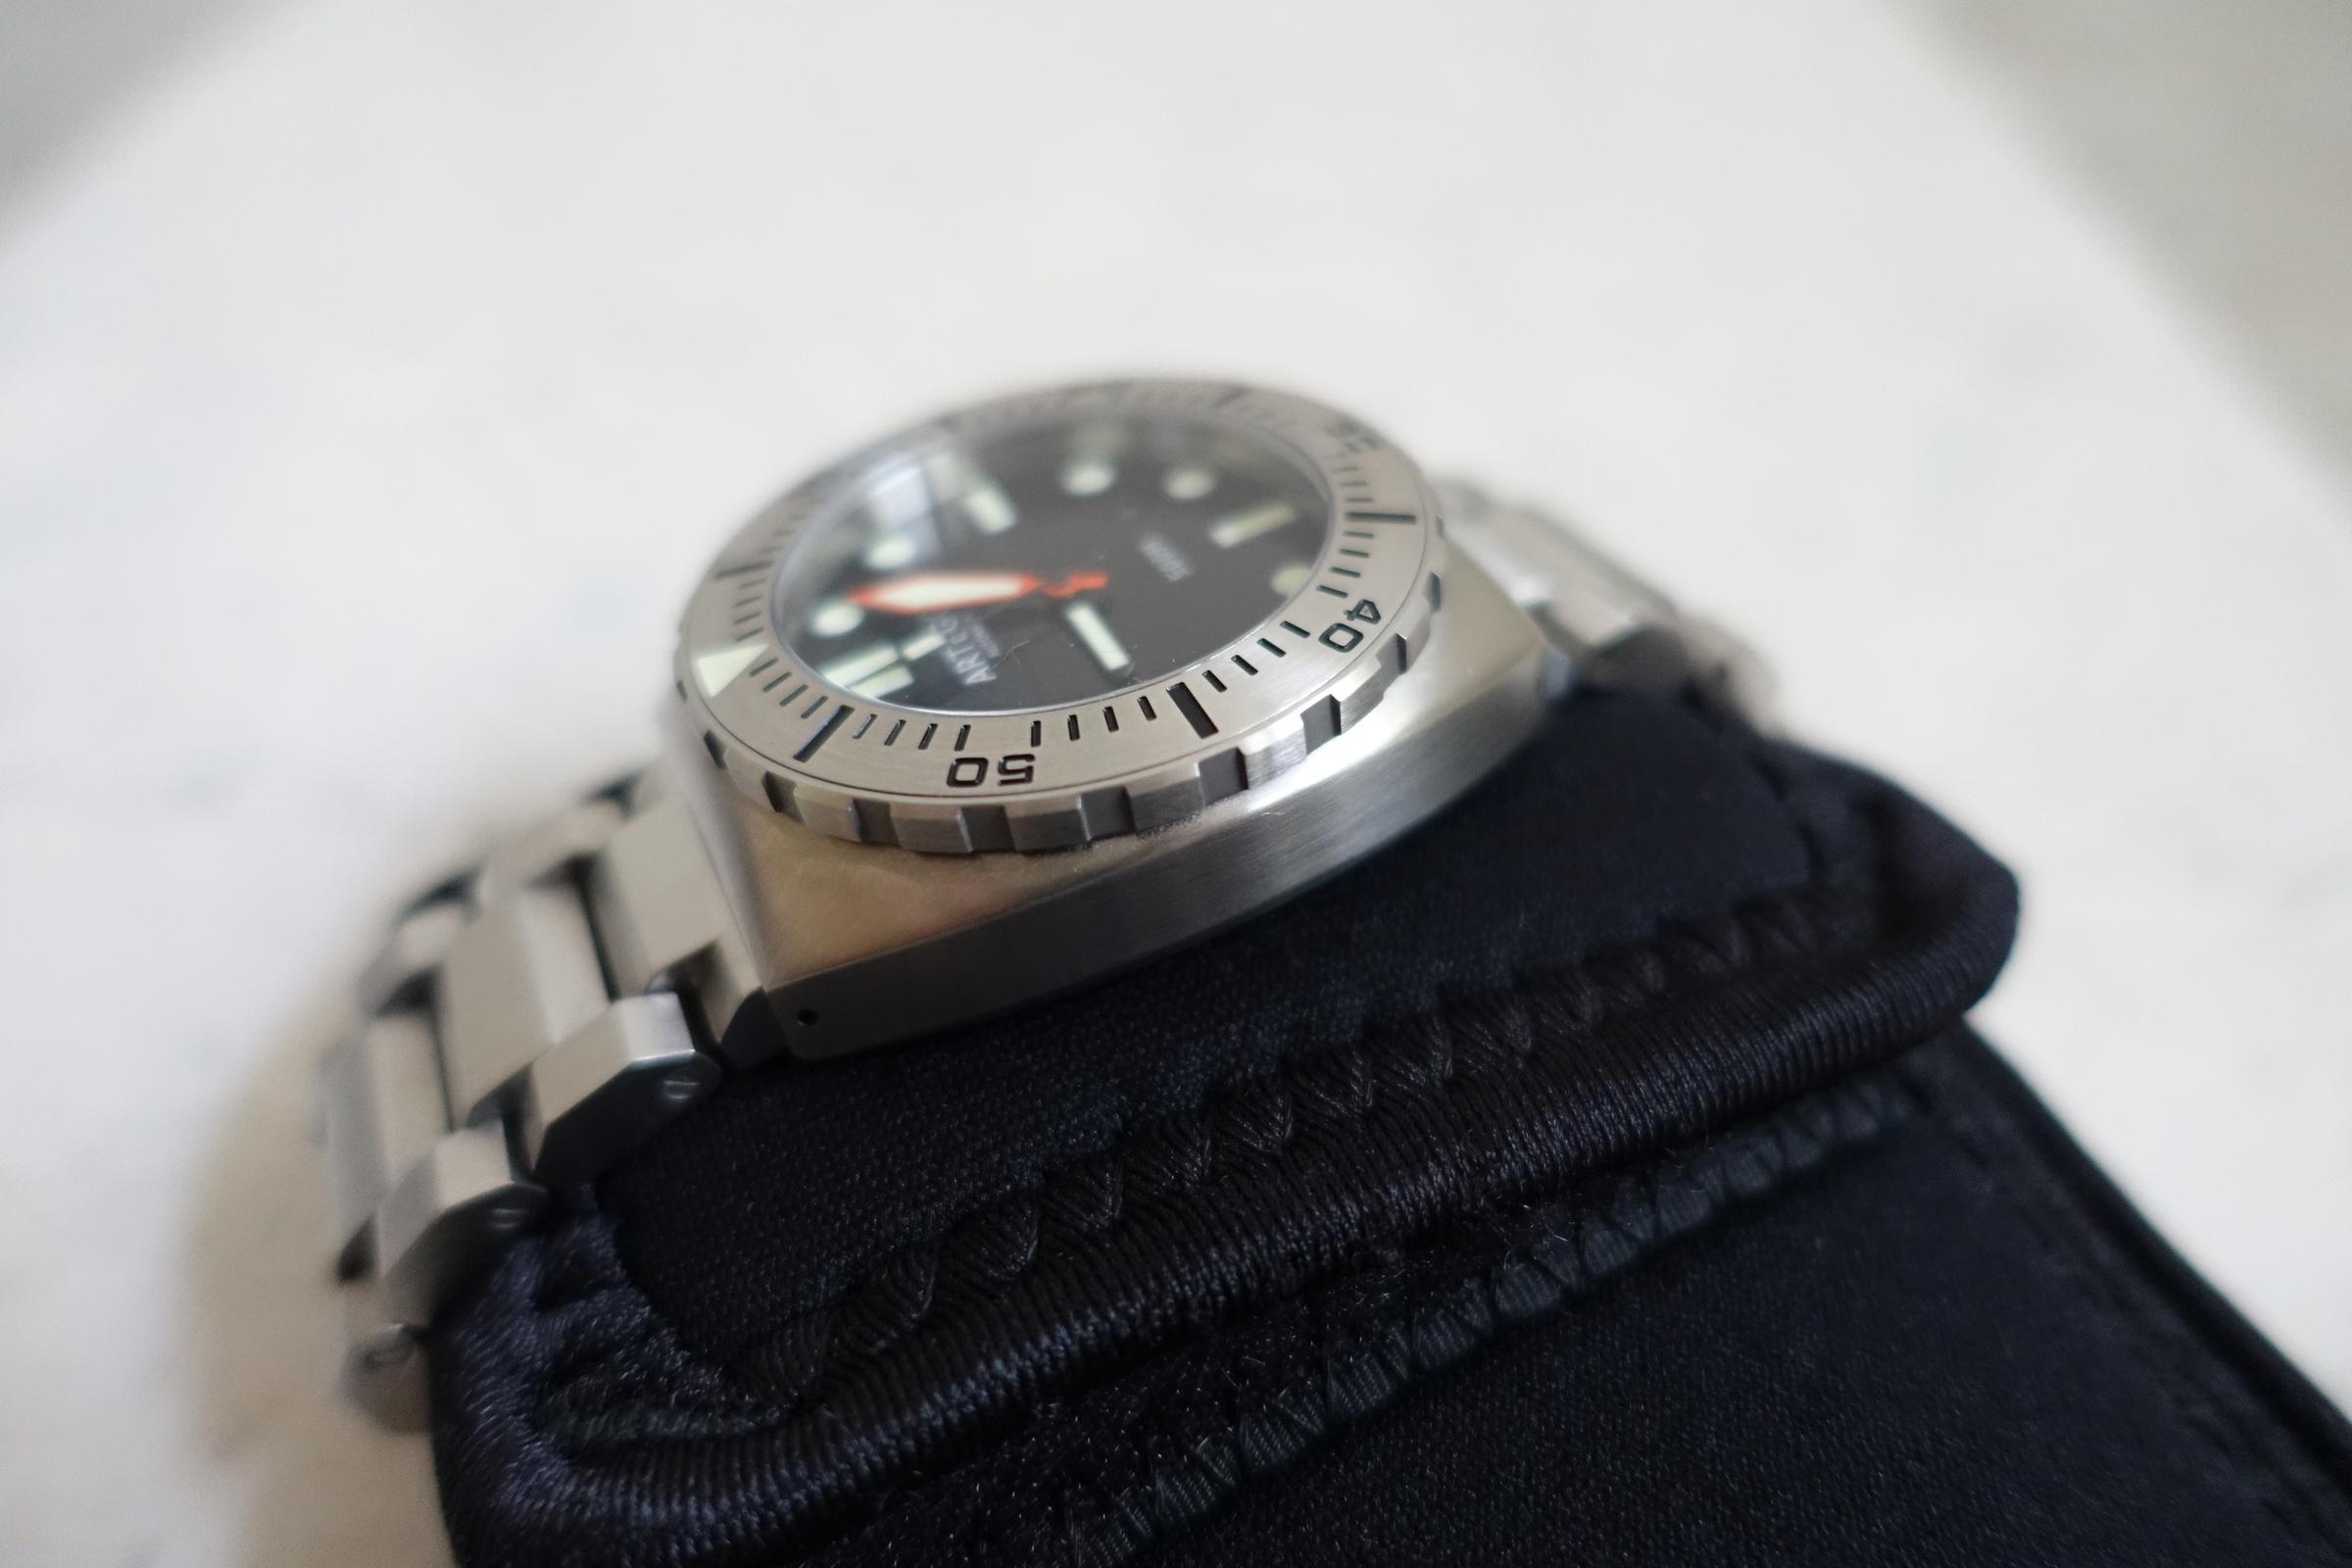 ARTEGO 500 Watch Uhr Diver 500M Limited Edition 73 extrem